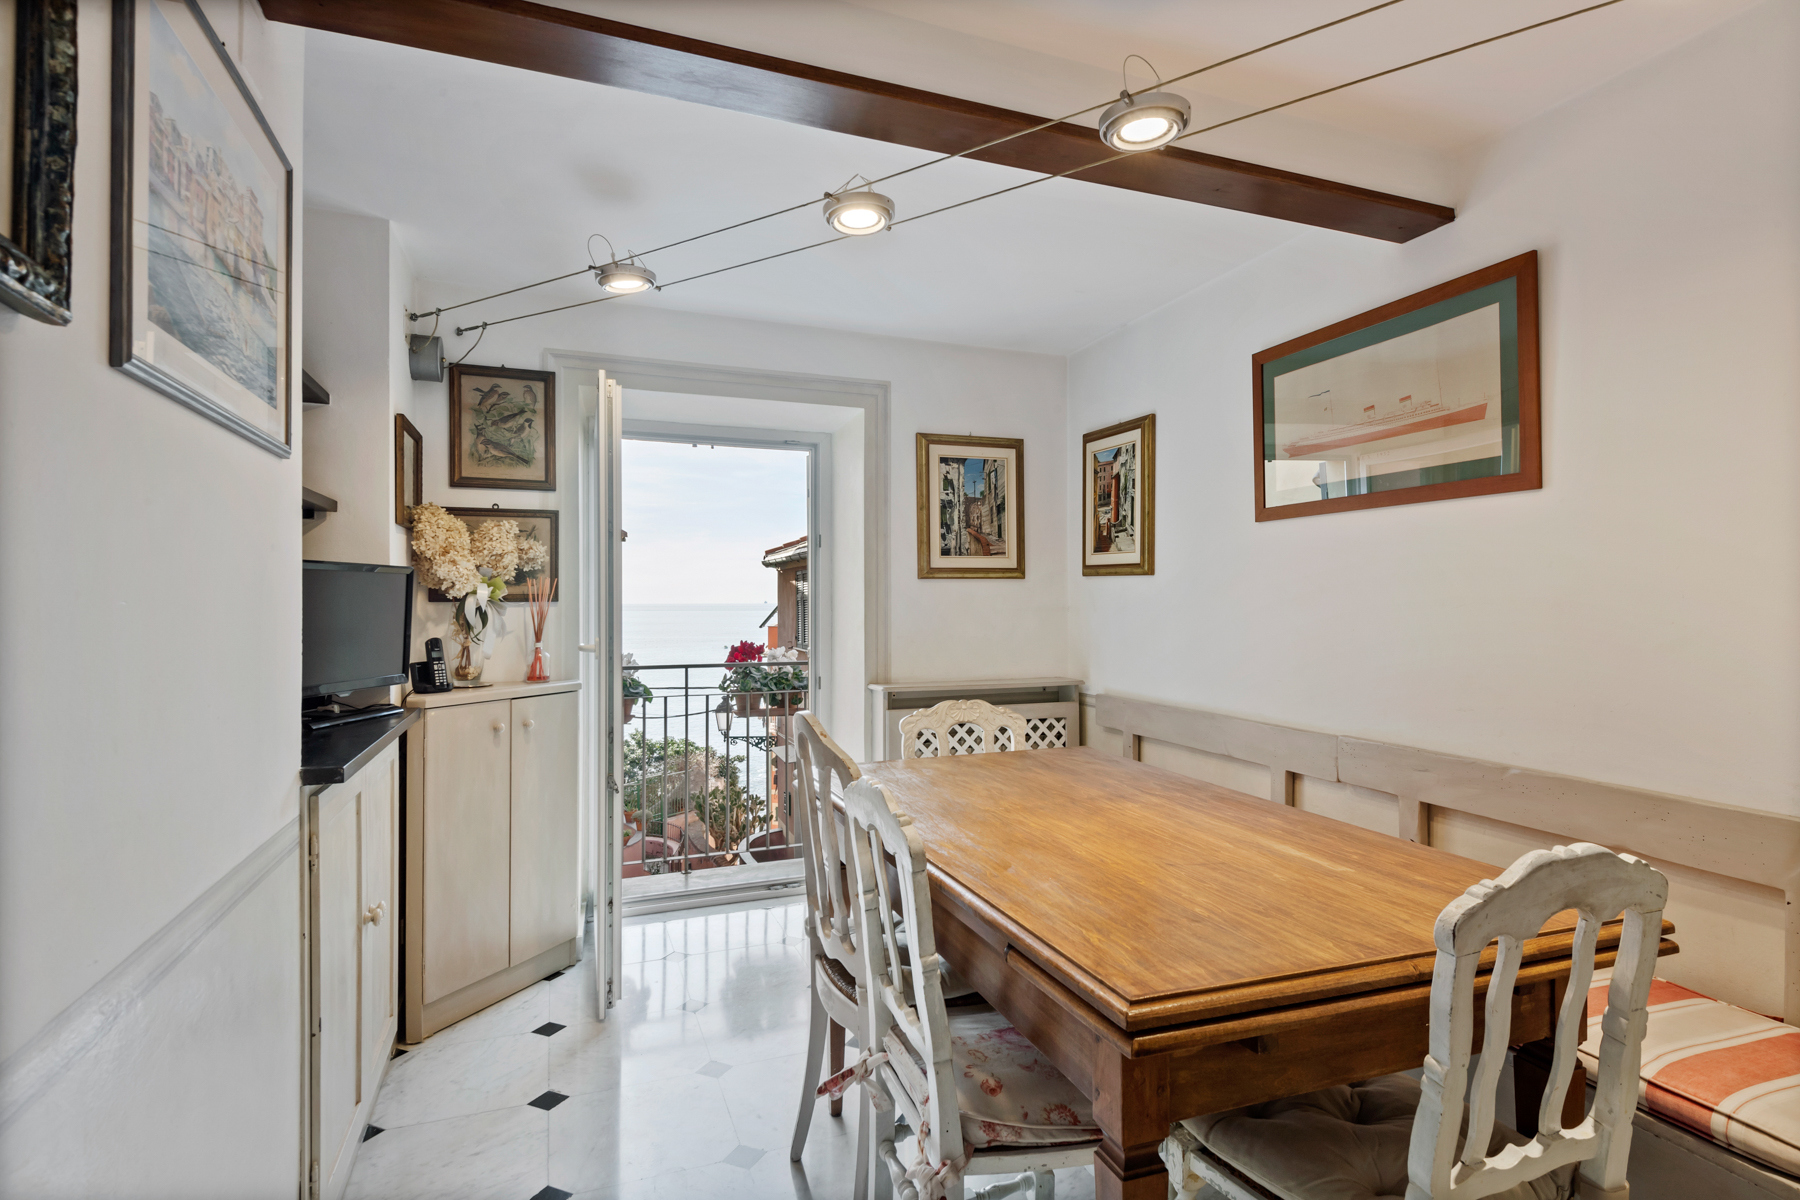 Casa indipendente in Vendita a Genova: 5 locali, 150 mq - Foto 15